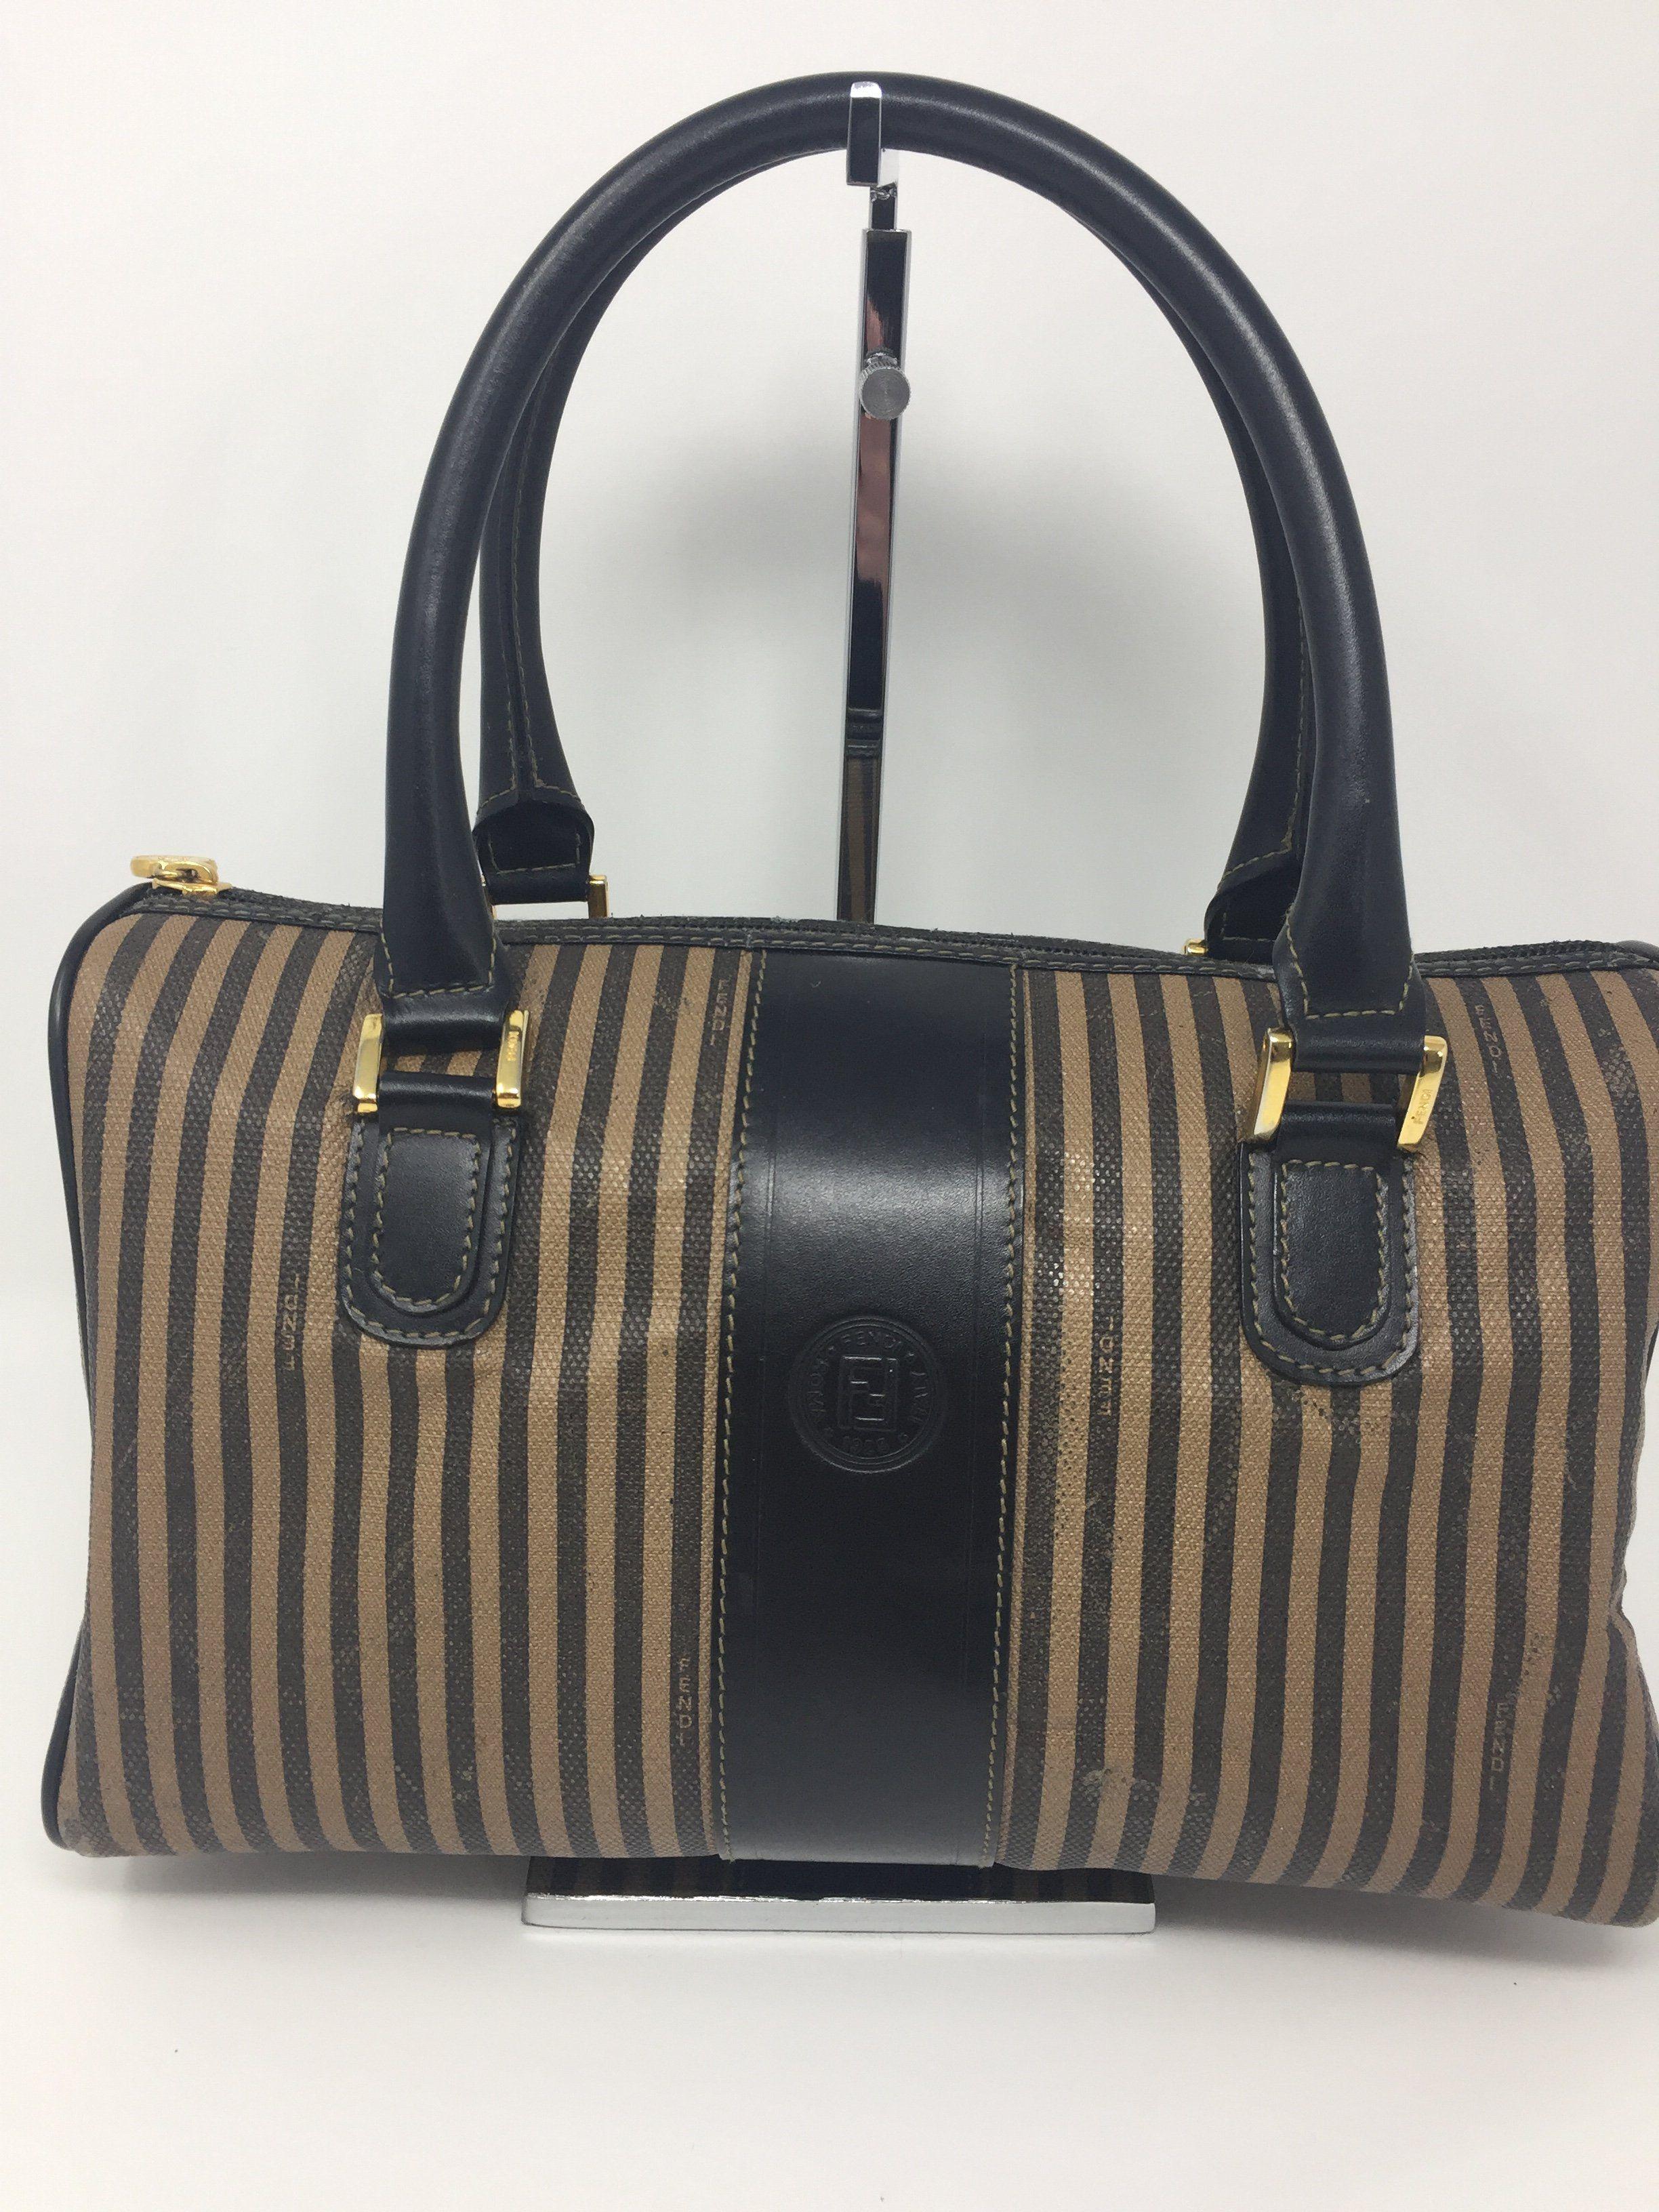 c0123fe7cfc4 Fendi vintage doctor bag